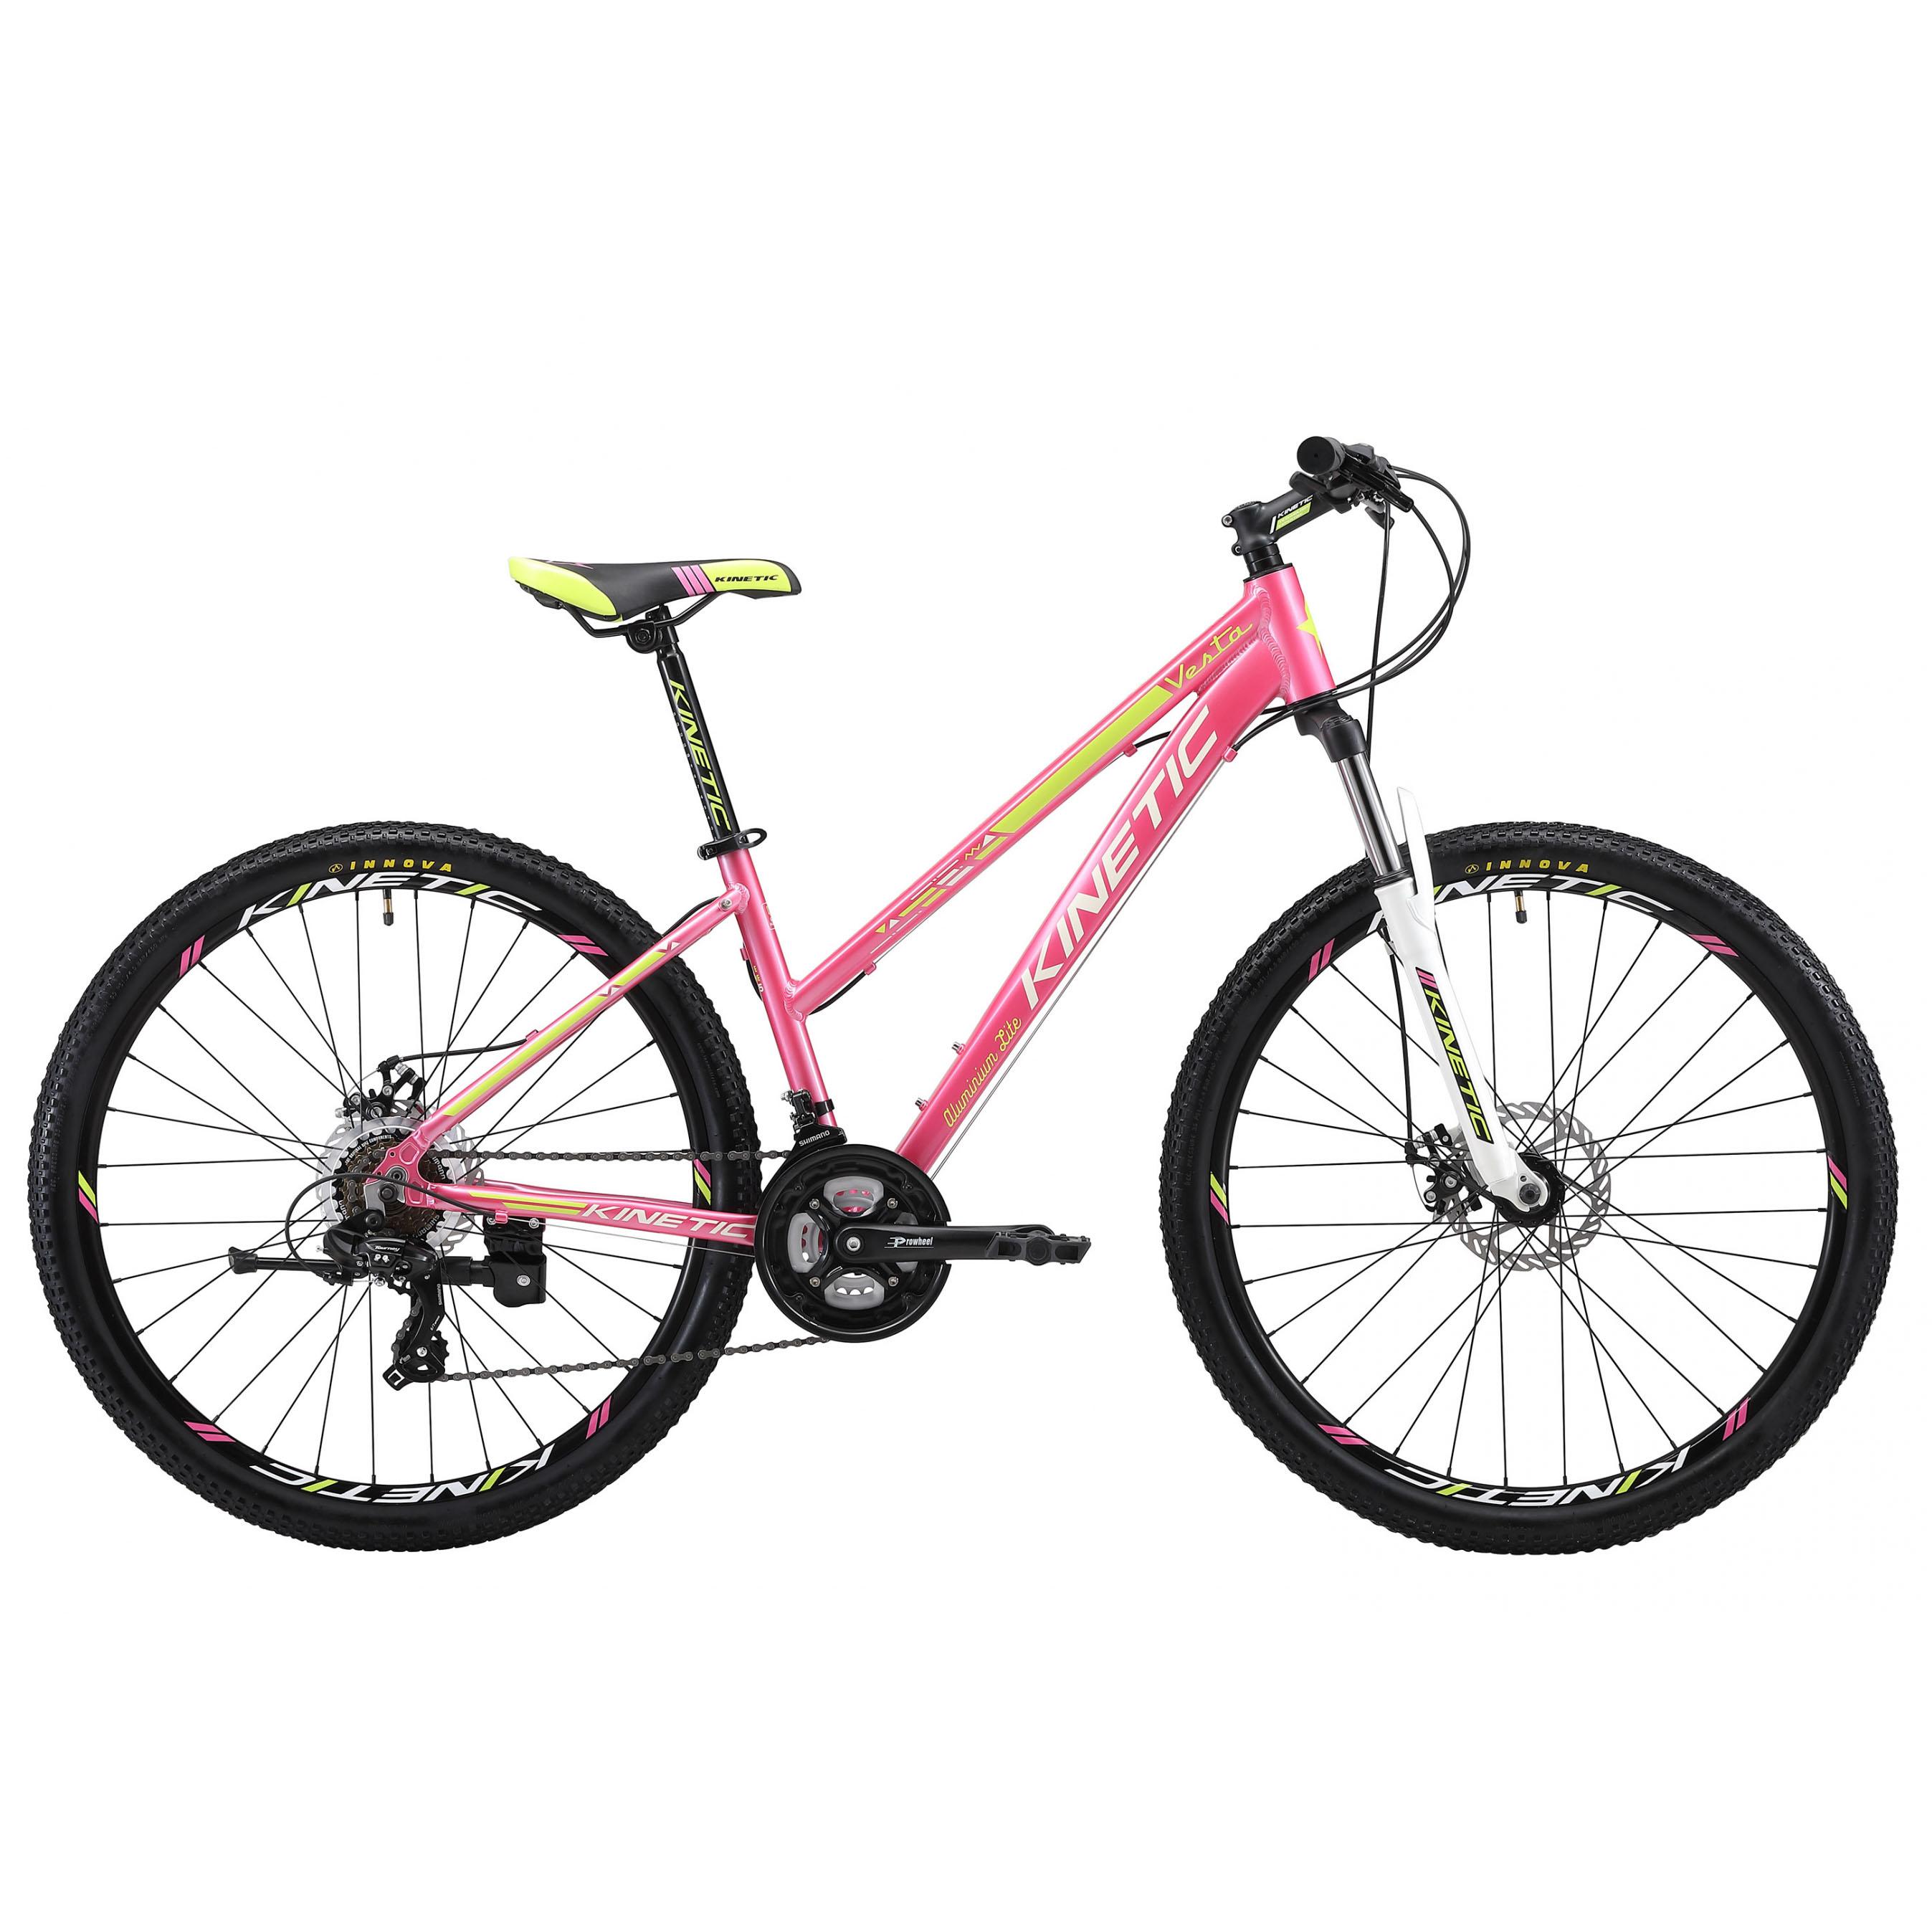 Фото Горный Женский Велосипед Kinetic 27,5″ VESTA  17″ (розовый)